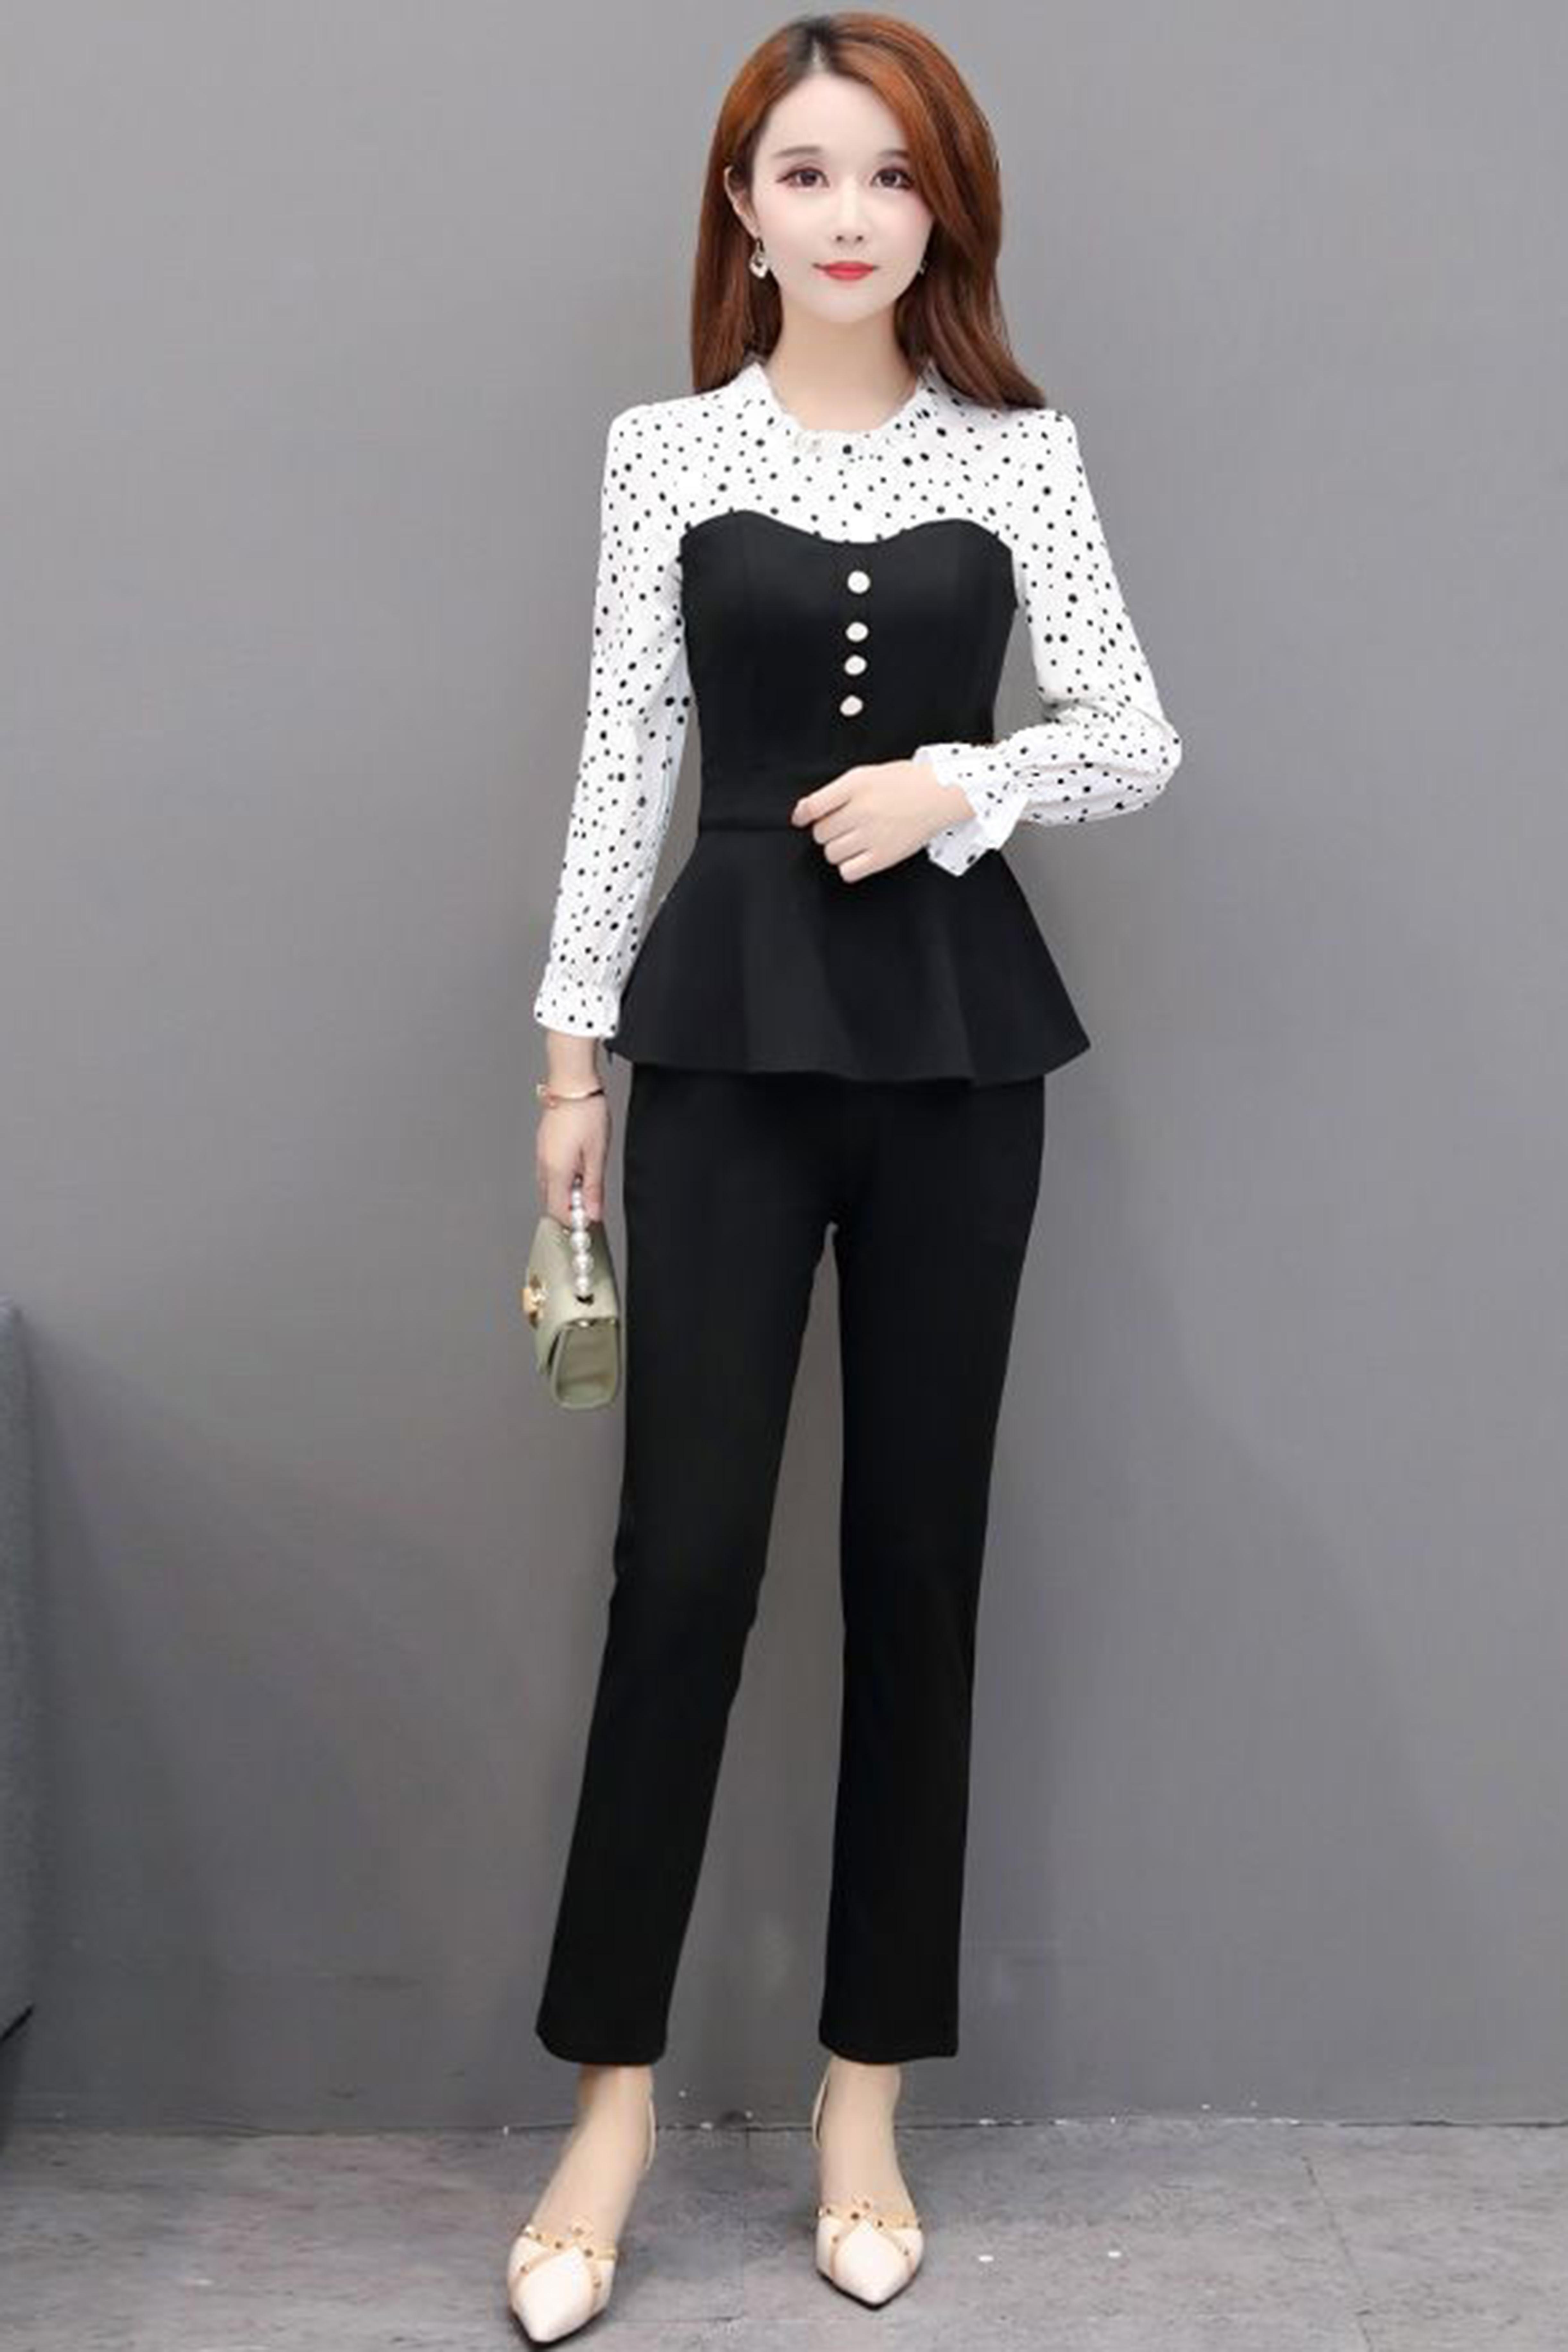 春季新款时尚套装女韩版显瘦洋气衬衫上衣+休闲小脚裤两件套装潮